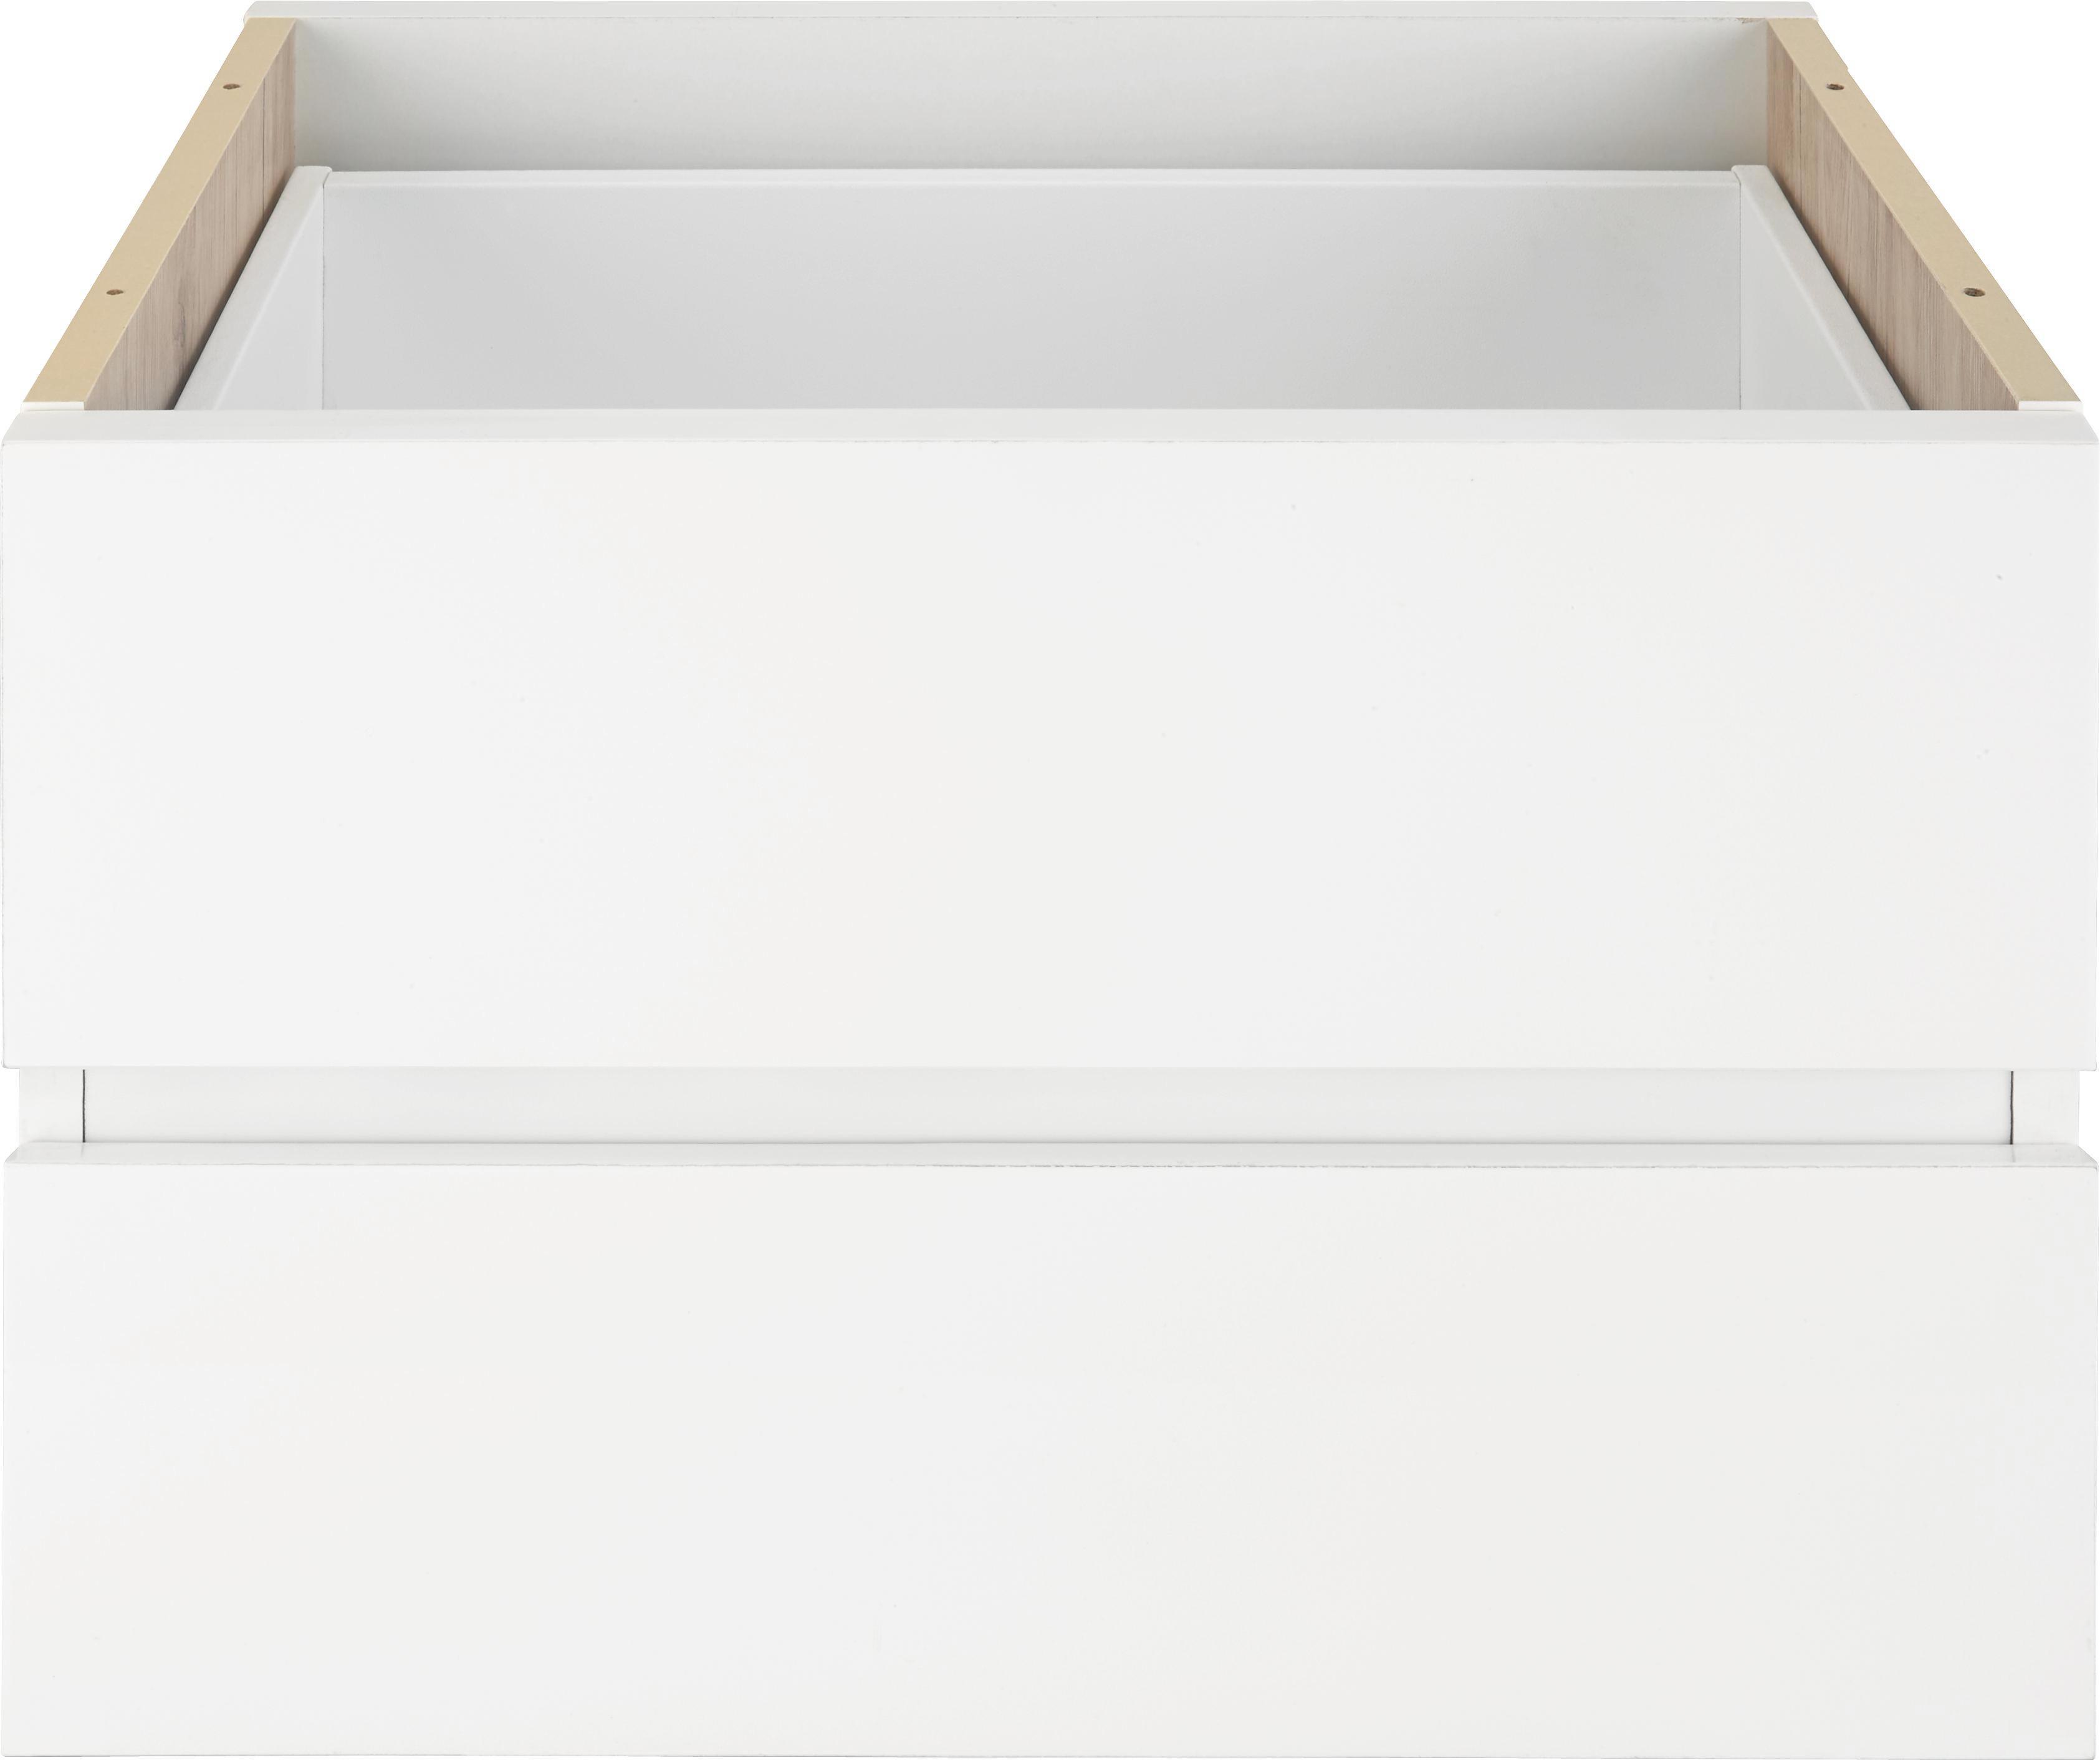 Schubkasteneinsatz in Weiß, 2er Set - Weiß, Holzwerkstoff (52/35/34cm) - MÖMAX modern living